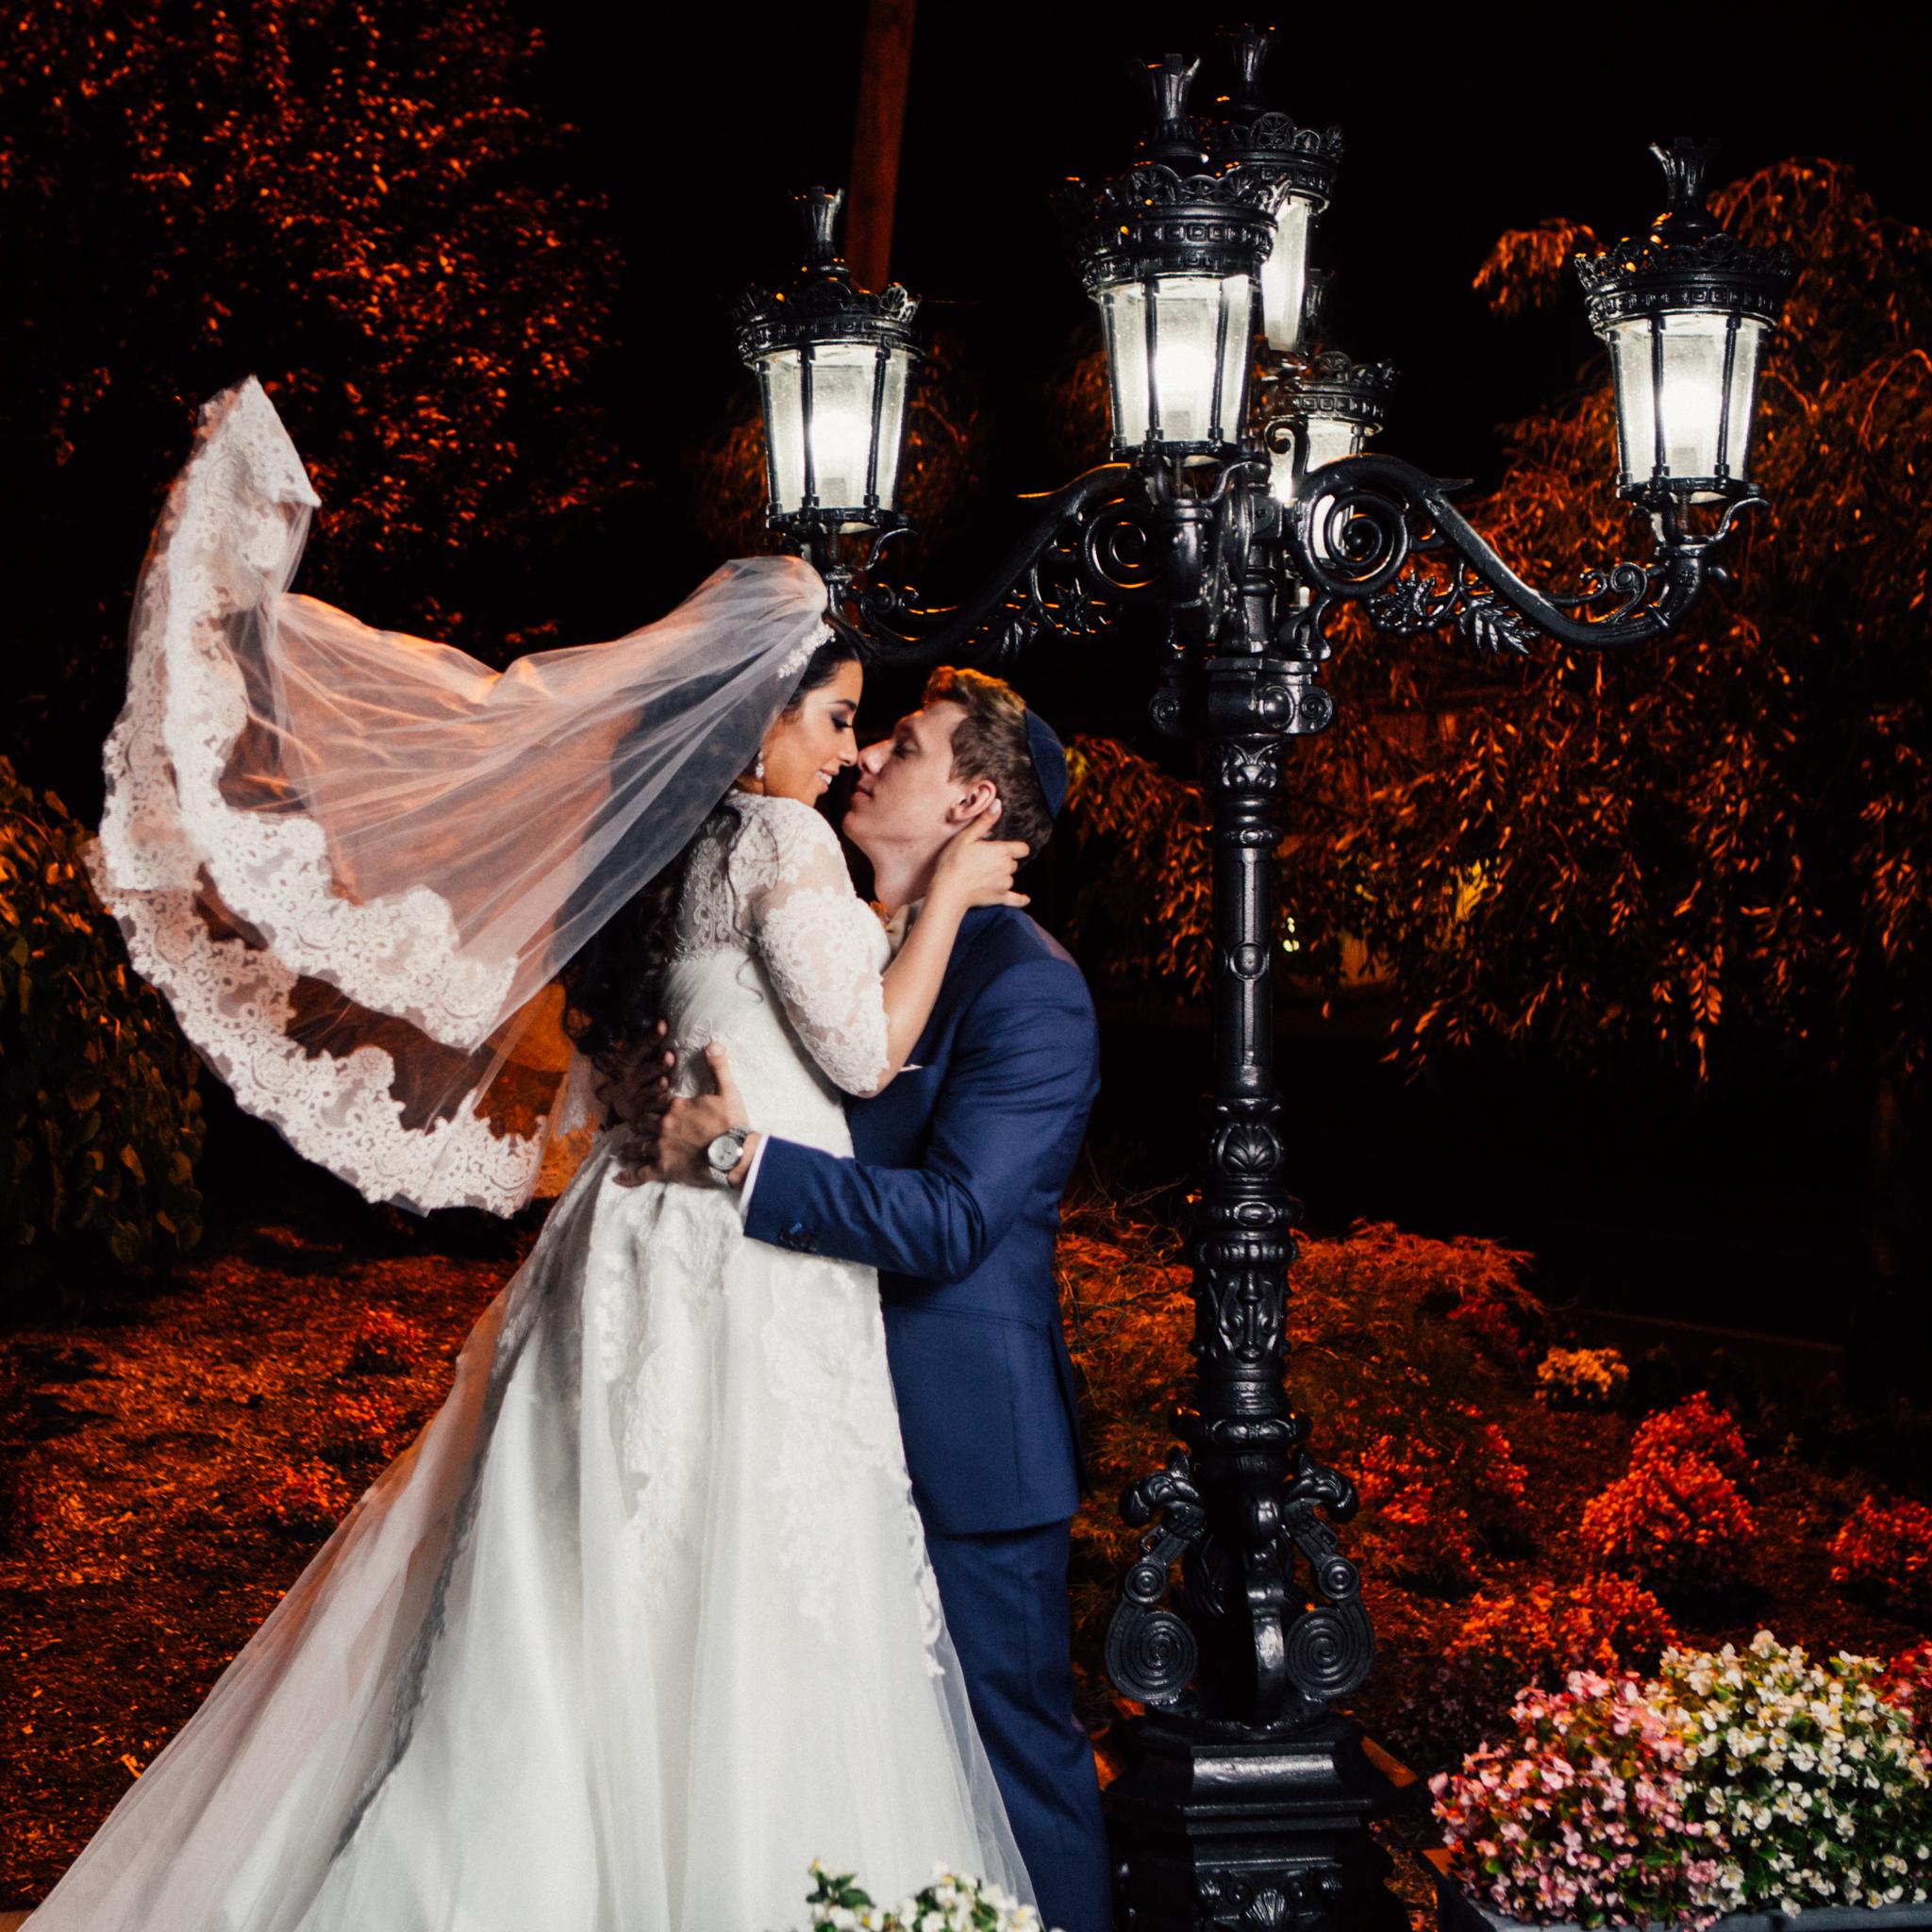 Wedding Etya & Sergey - Eliau Piha studio photography, new york, events, people-0493.jpg